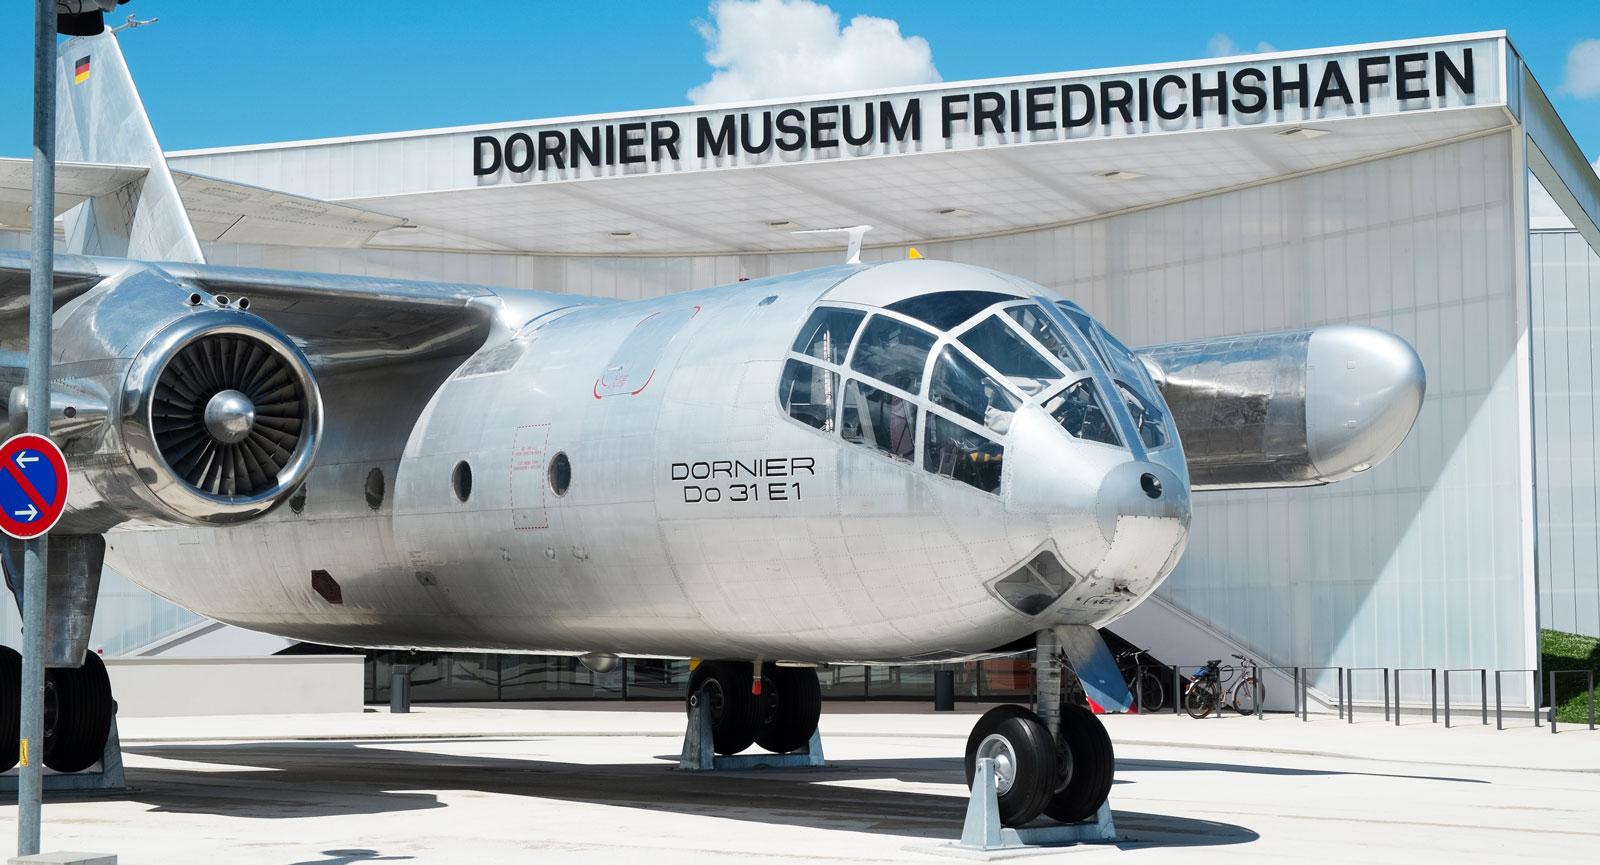 För den flygintresserade är Dorniermuseet ett besök väl värt att göra.